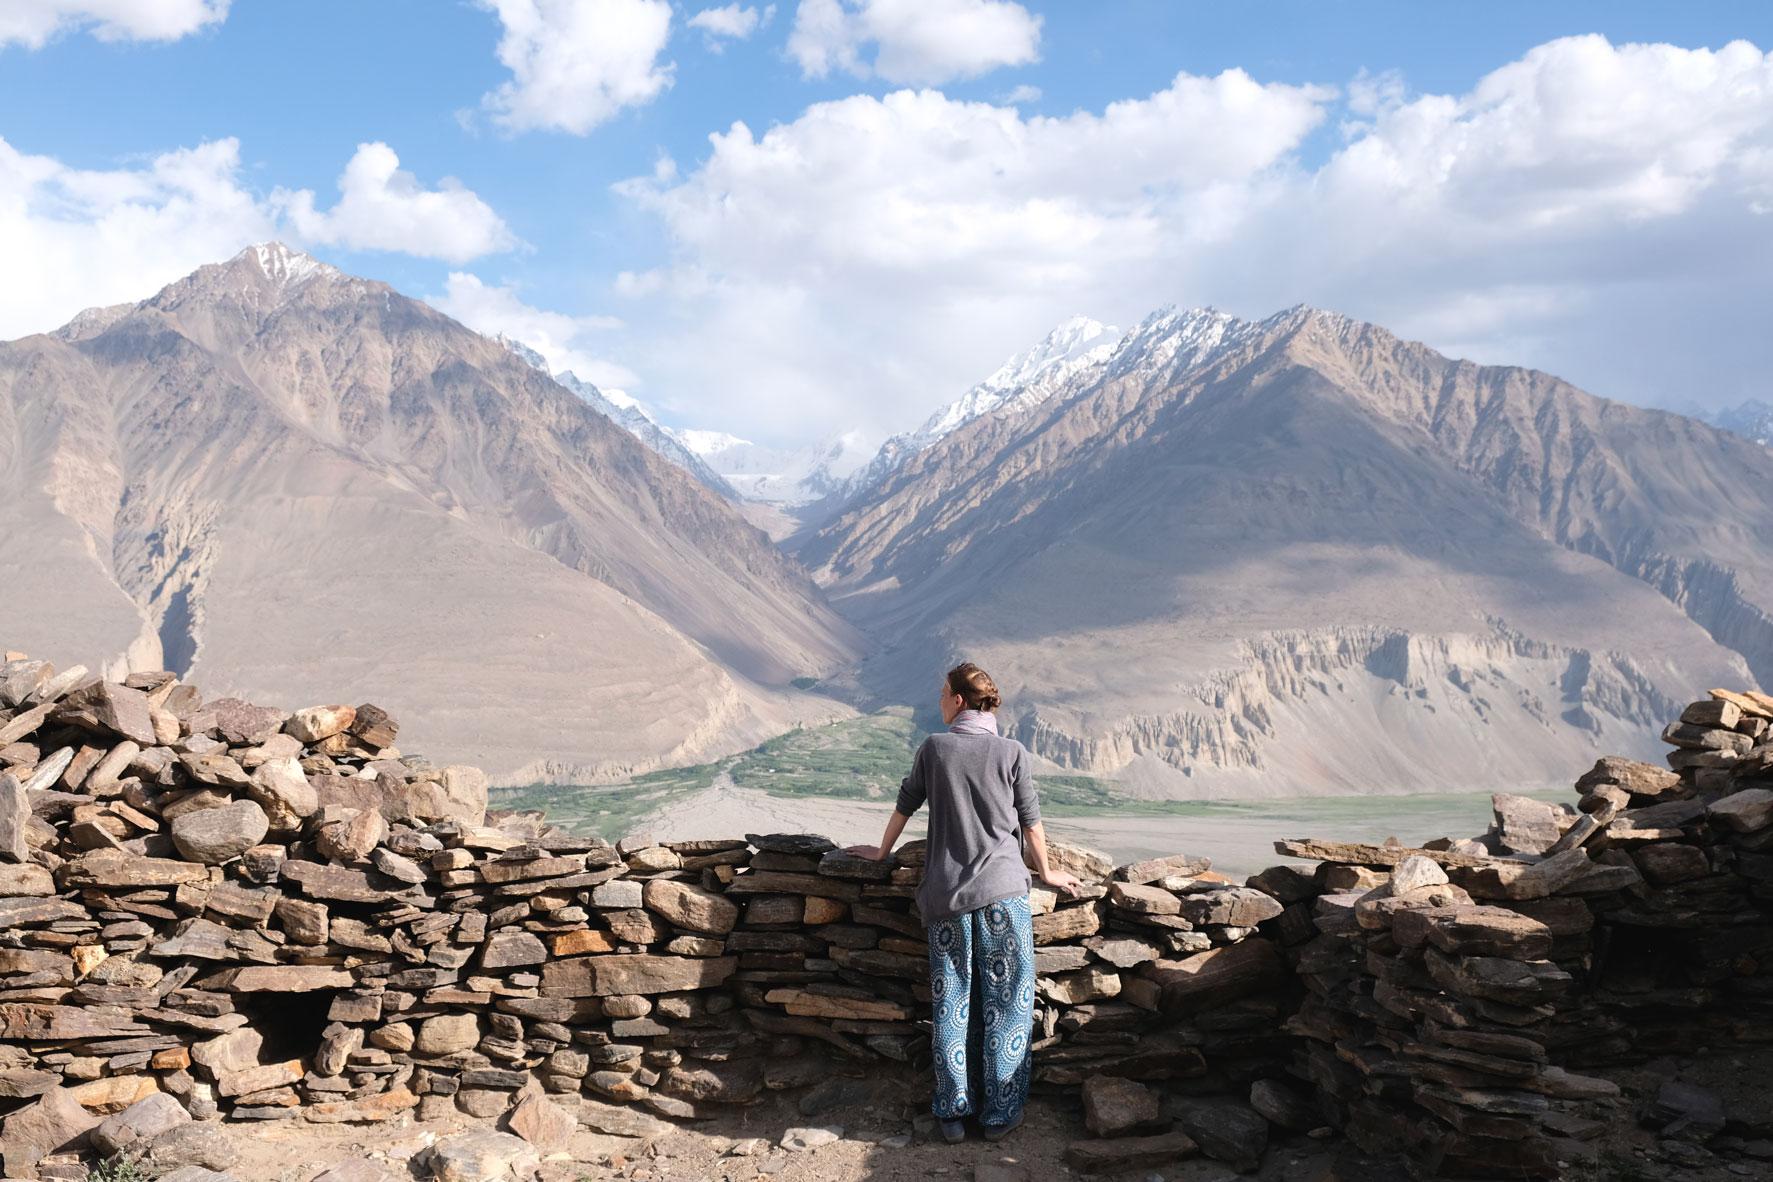 Leo blickt von einer Mauer des Yamchun Forts auf das Pamirgebirge in Afghanistan.